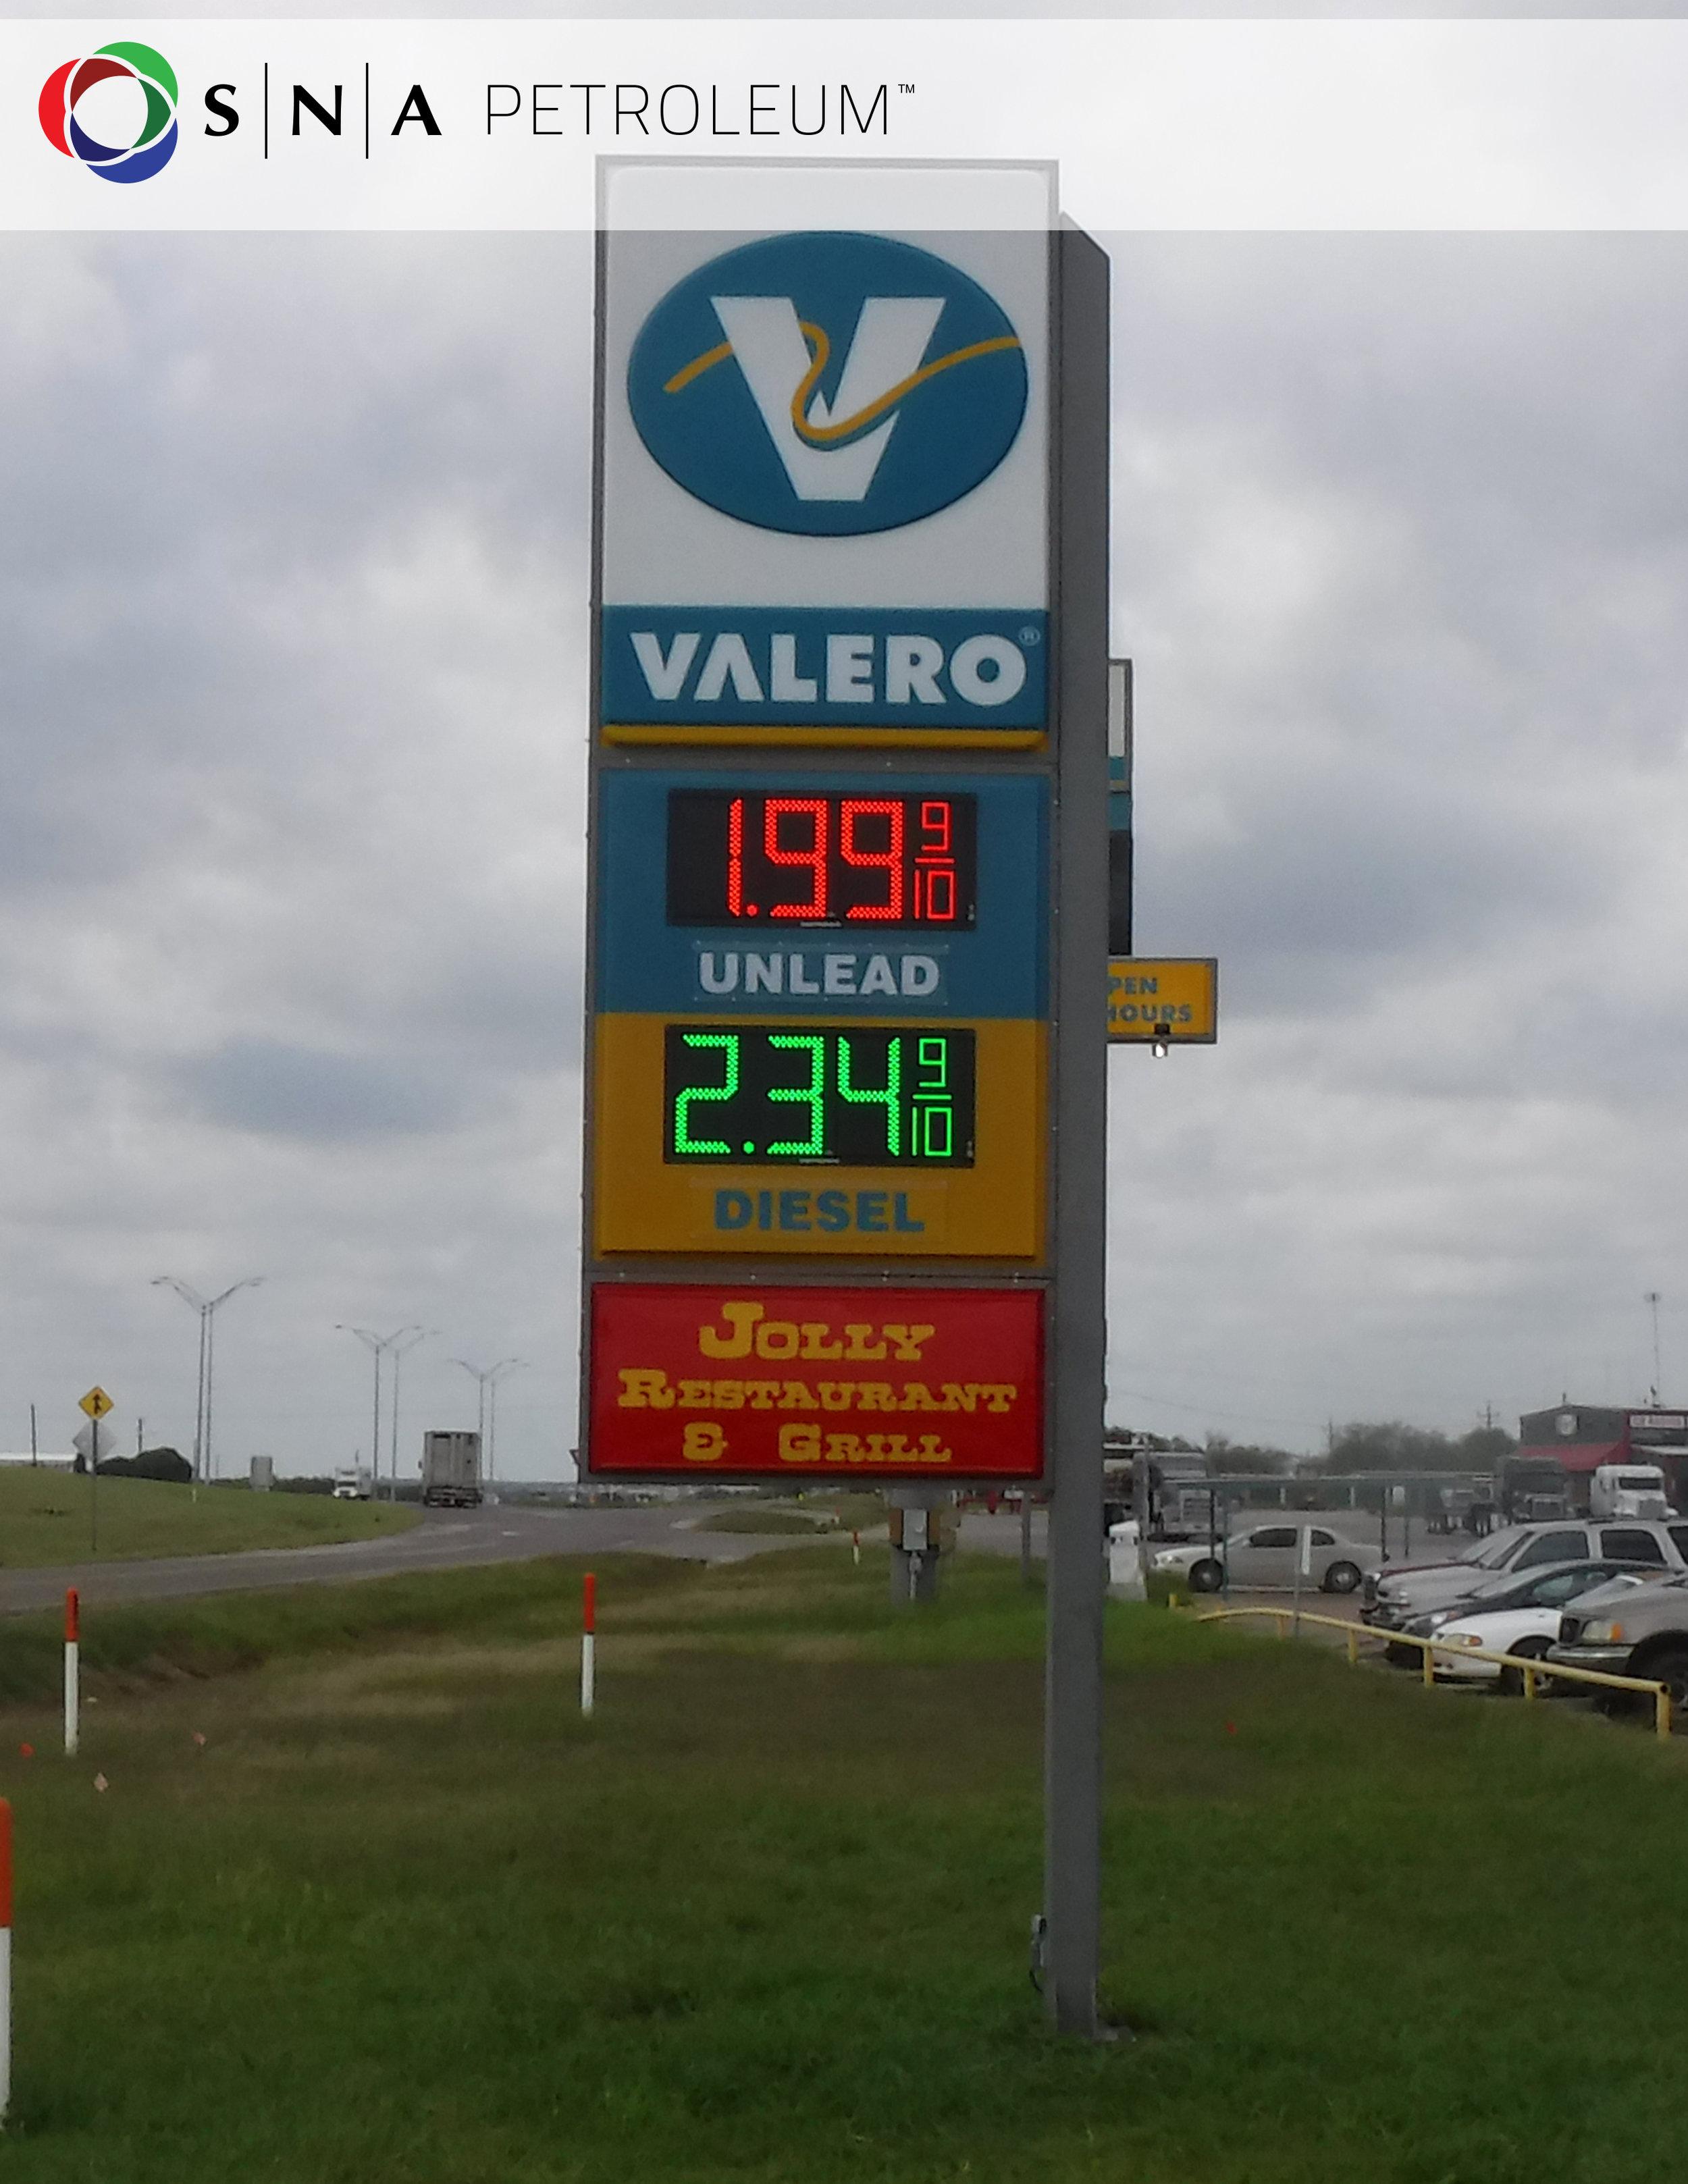 Preciadores LED para gasolineras en México SNA México, BP, CHEVRON, SHELL, VALERO, G500, FULL GAS